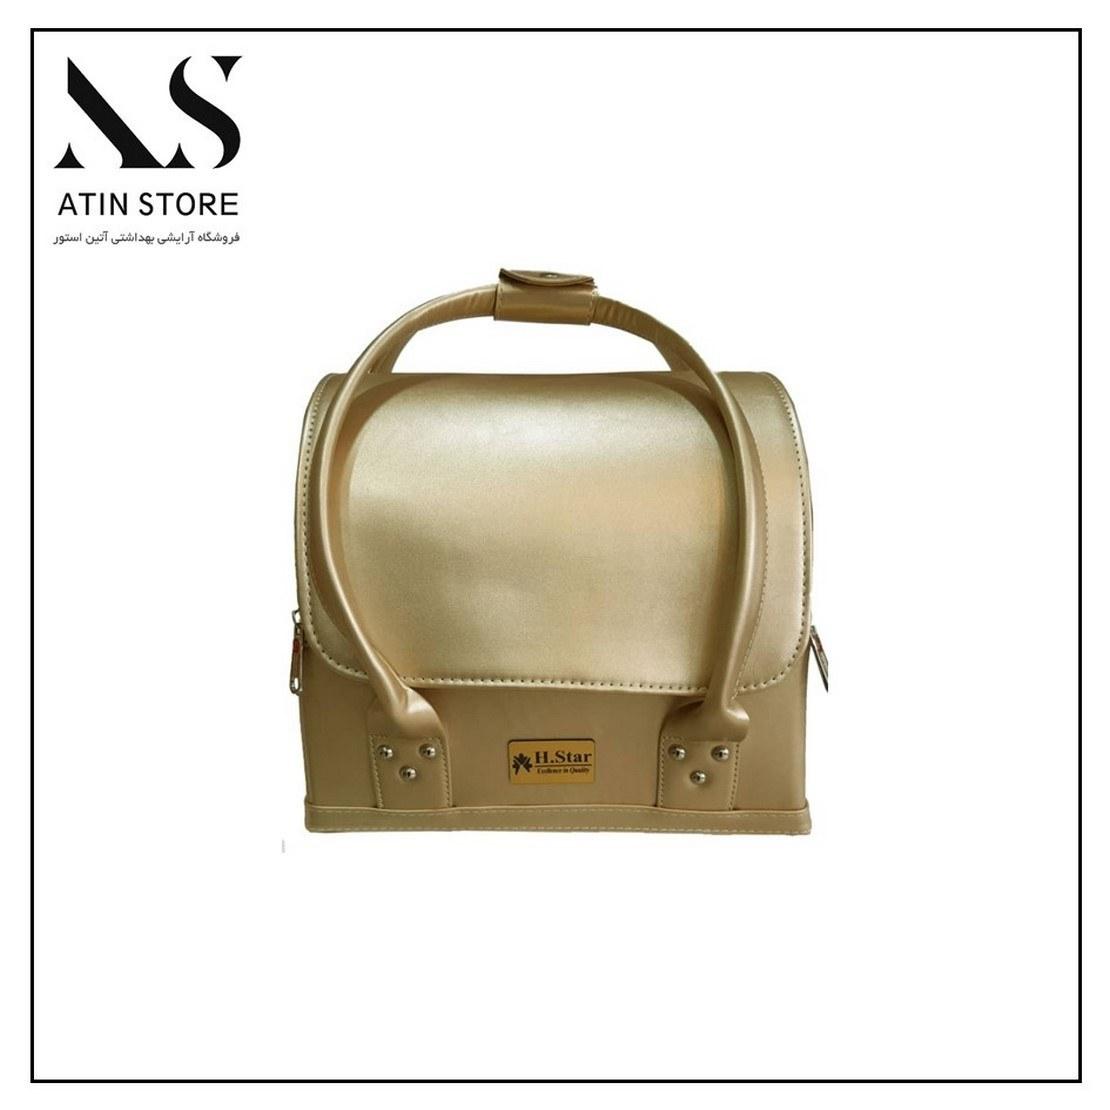 تصویر کیف طبقاتی چرمی E.M طلایی